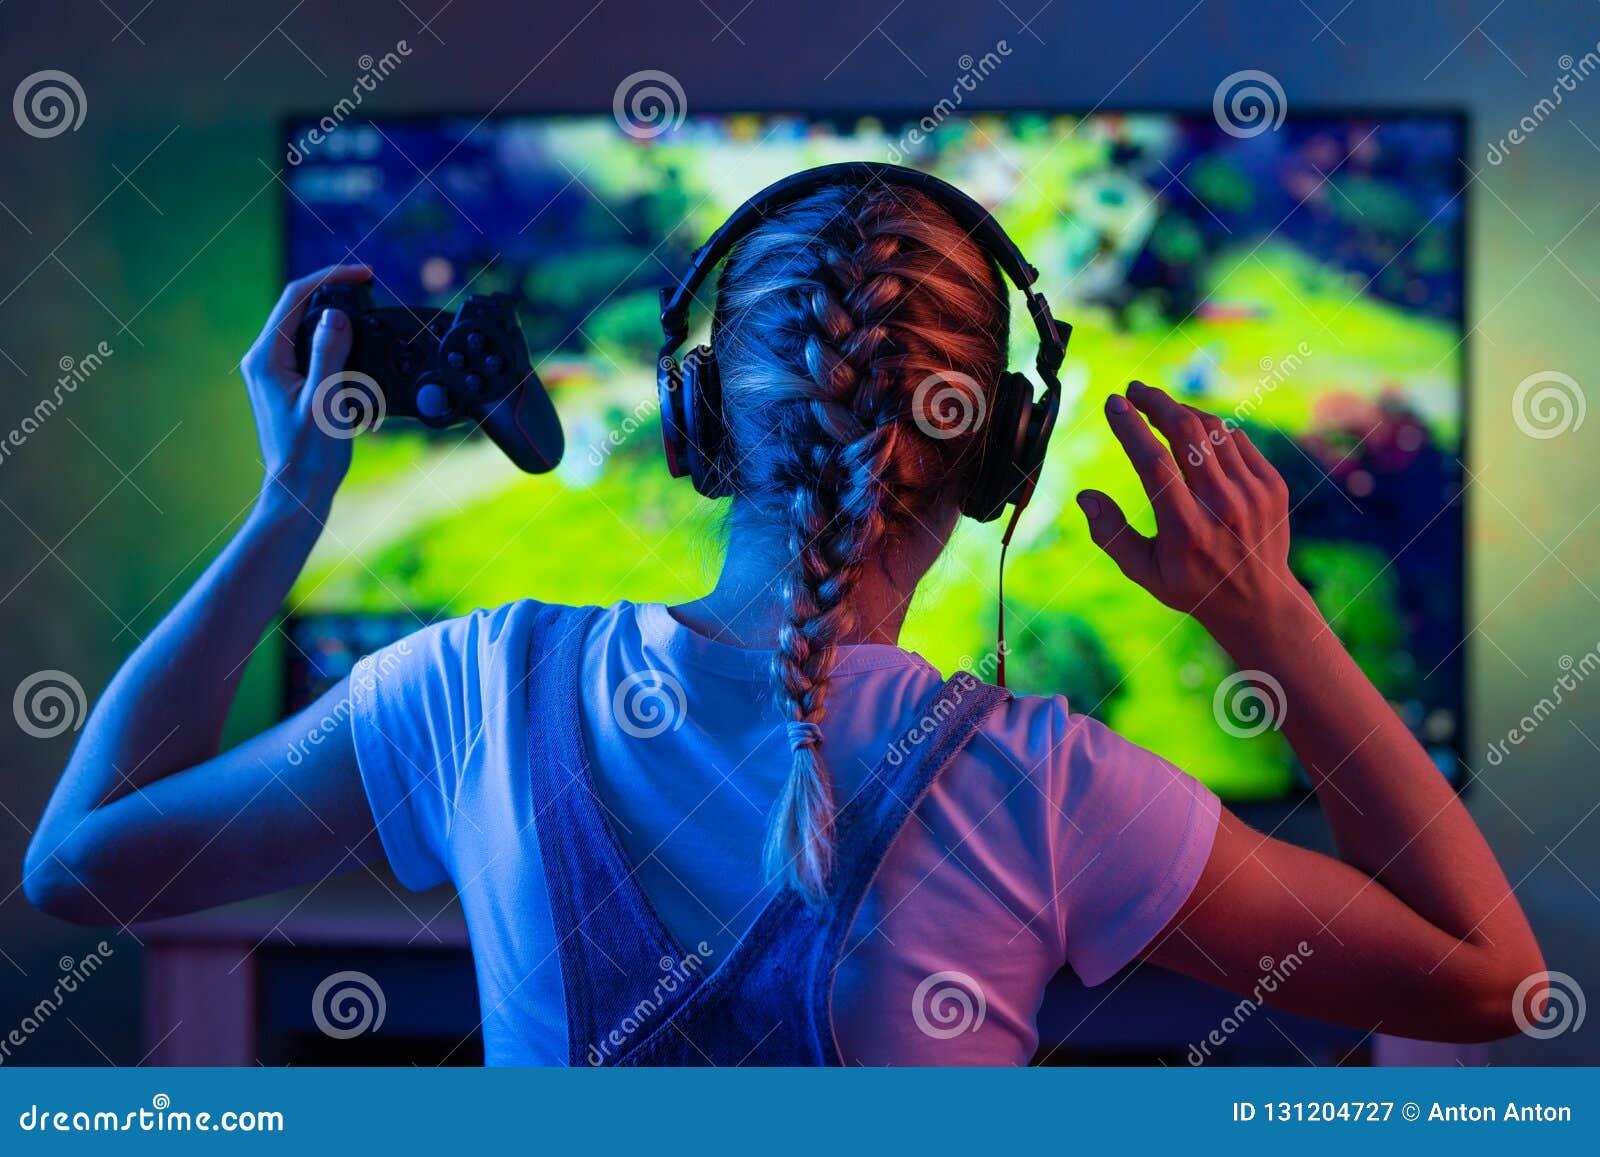 Gamer или девушка ленты дома в темной комнате с gamepad играя с друзьями на сетях в видеоиграх Молодой человек